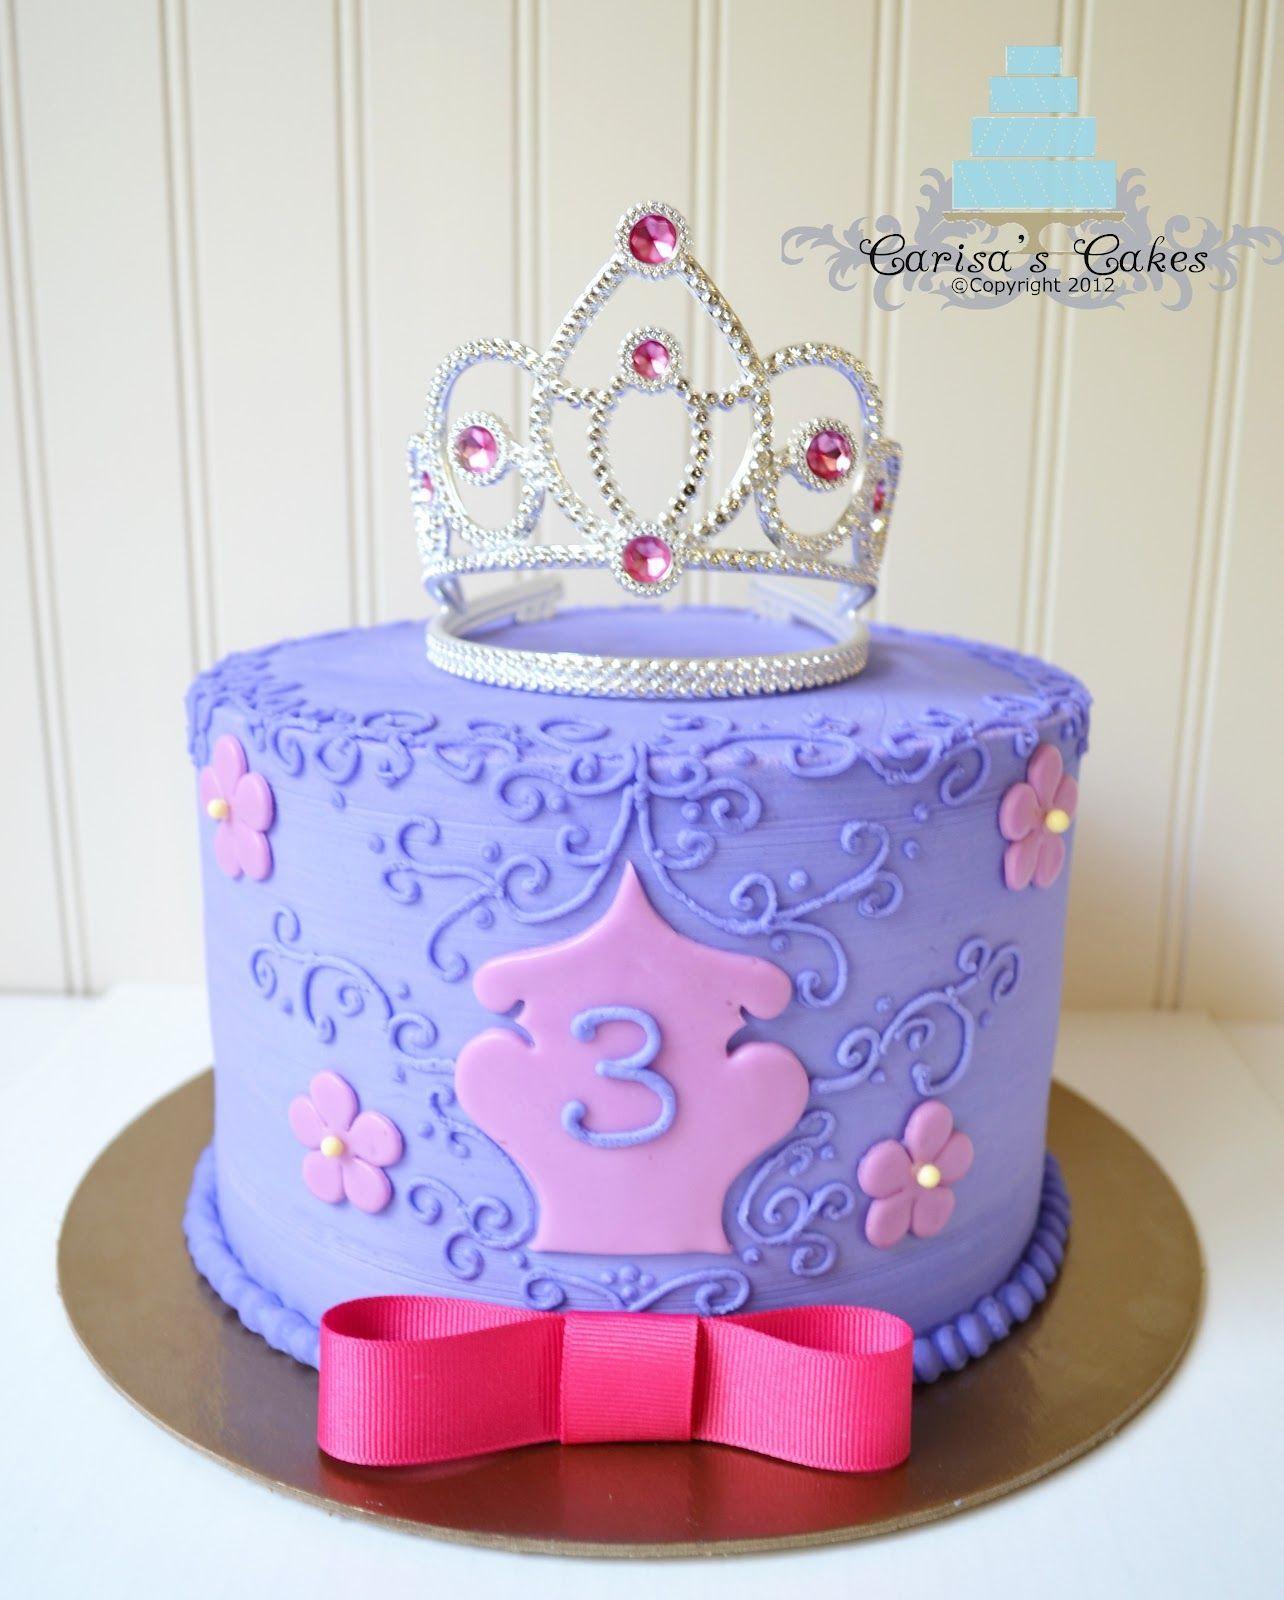 27 Beautiful Image Of Walmart Bakery Cakes For Birthdays Birthday Photos Carisas Princess